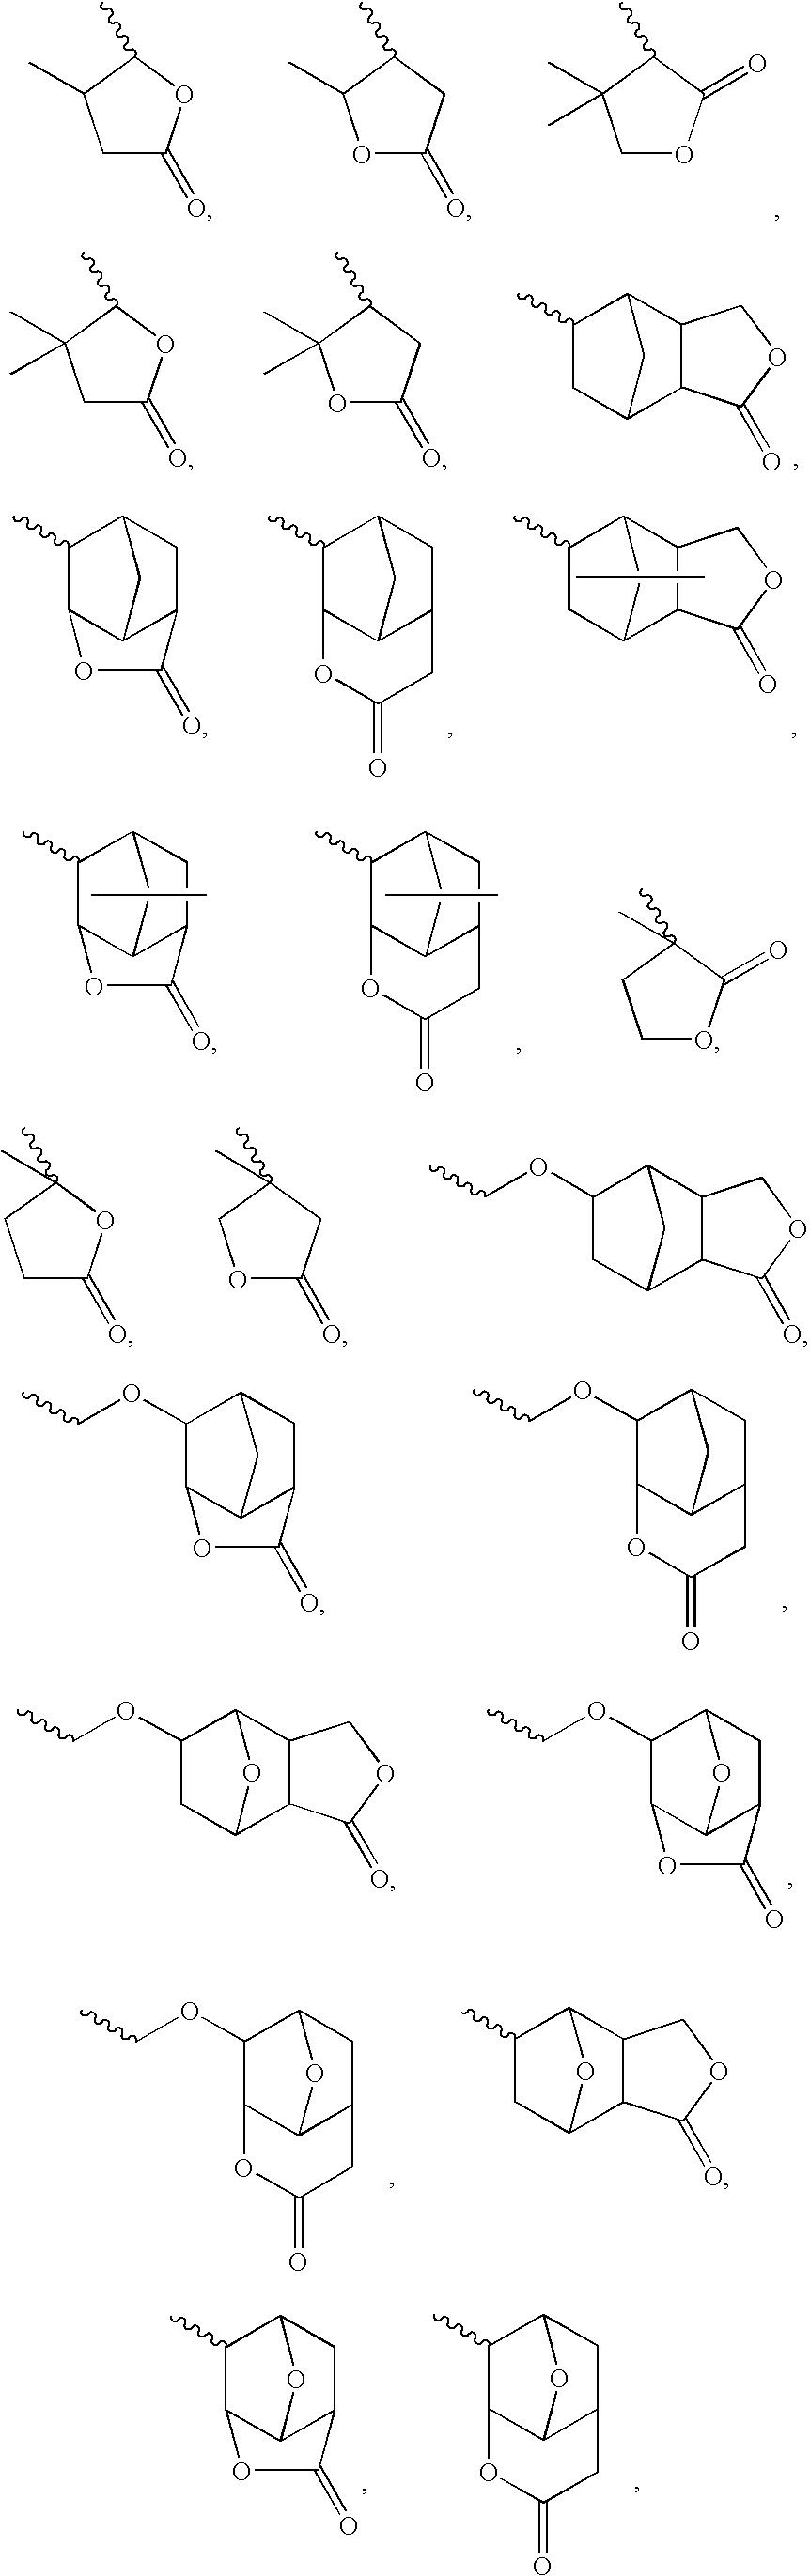 Figure US20100233622A1-20100916-C00013